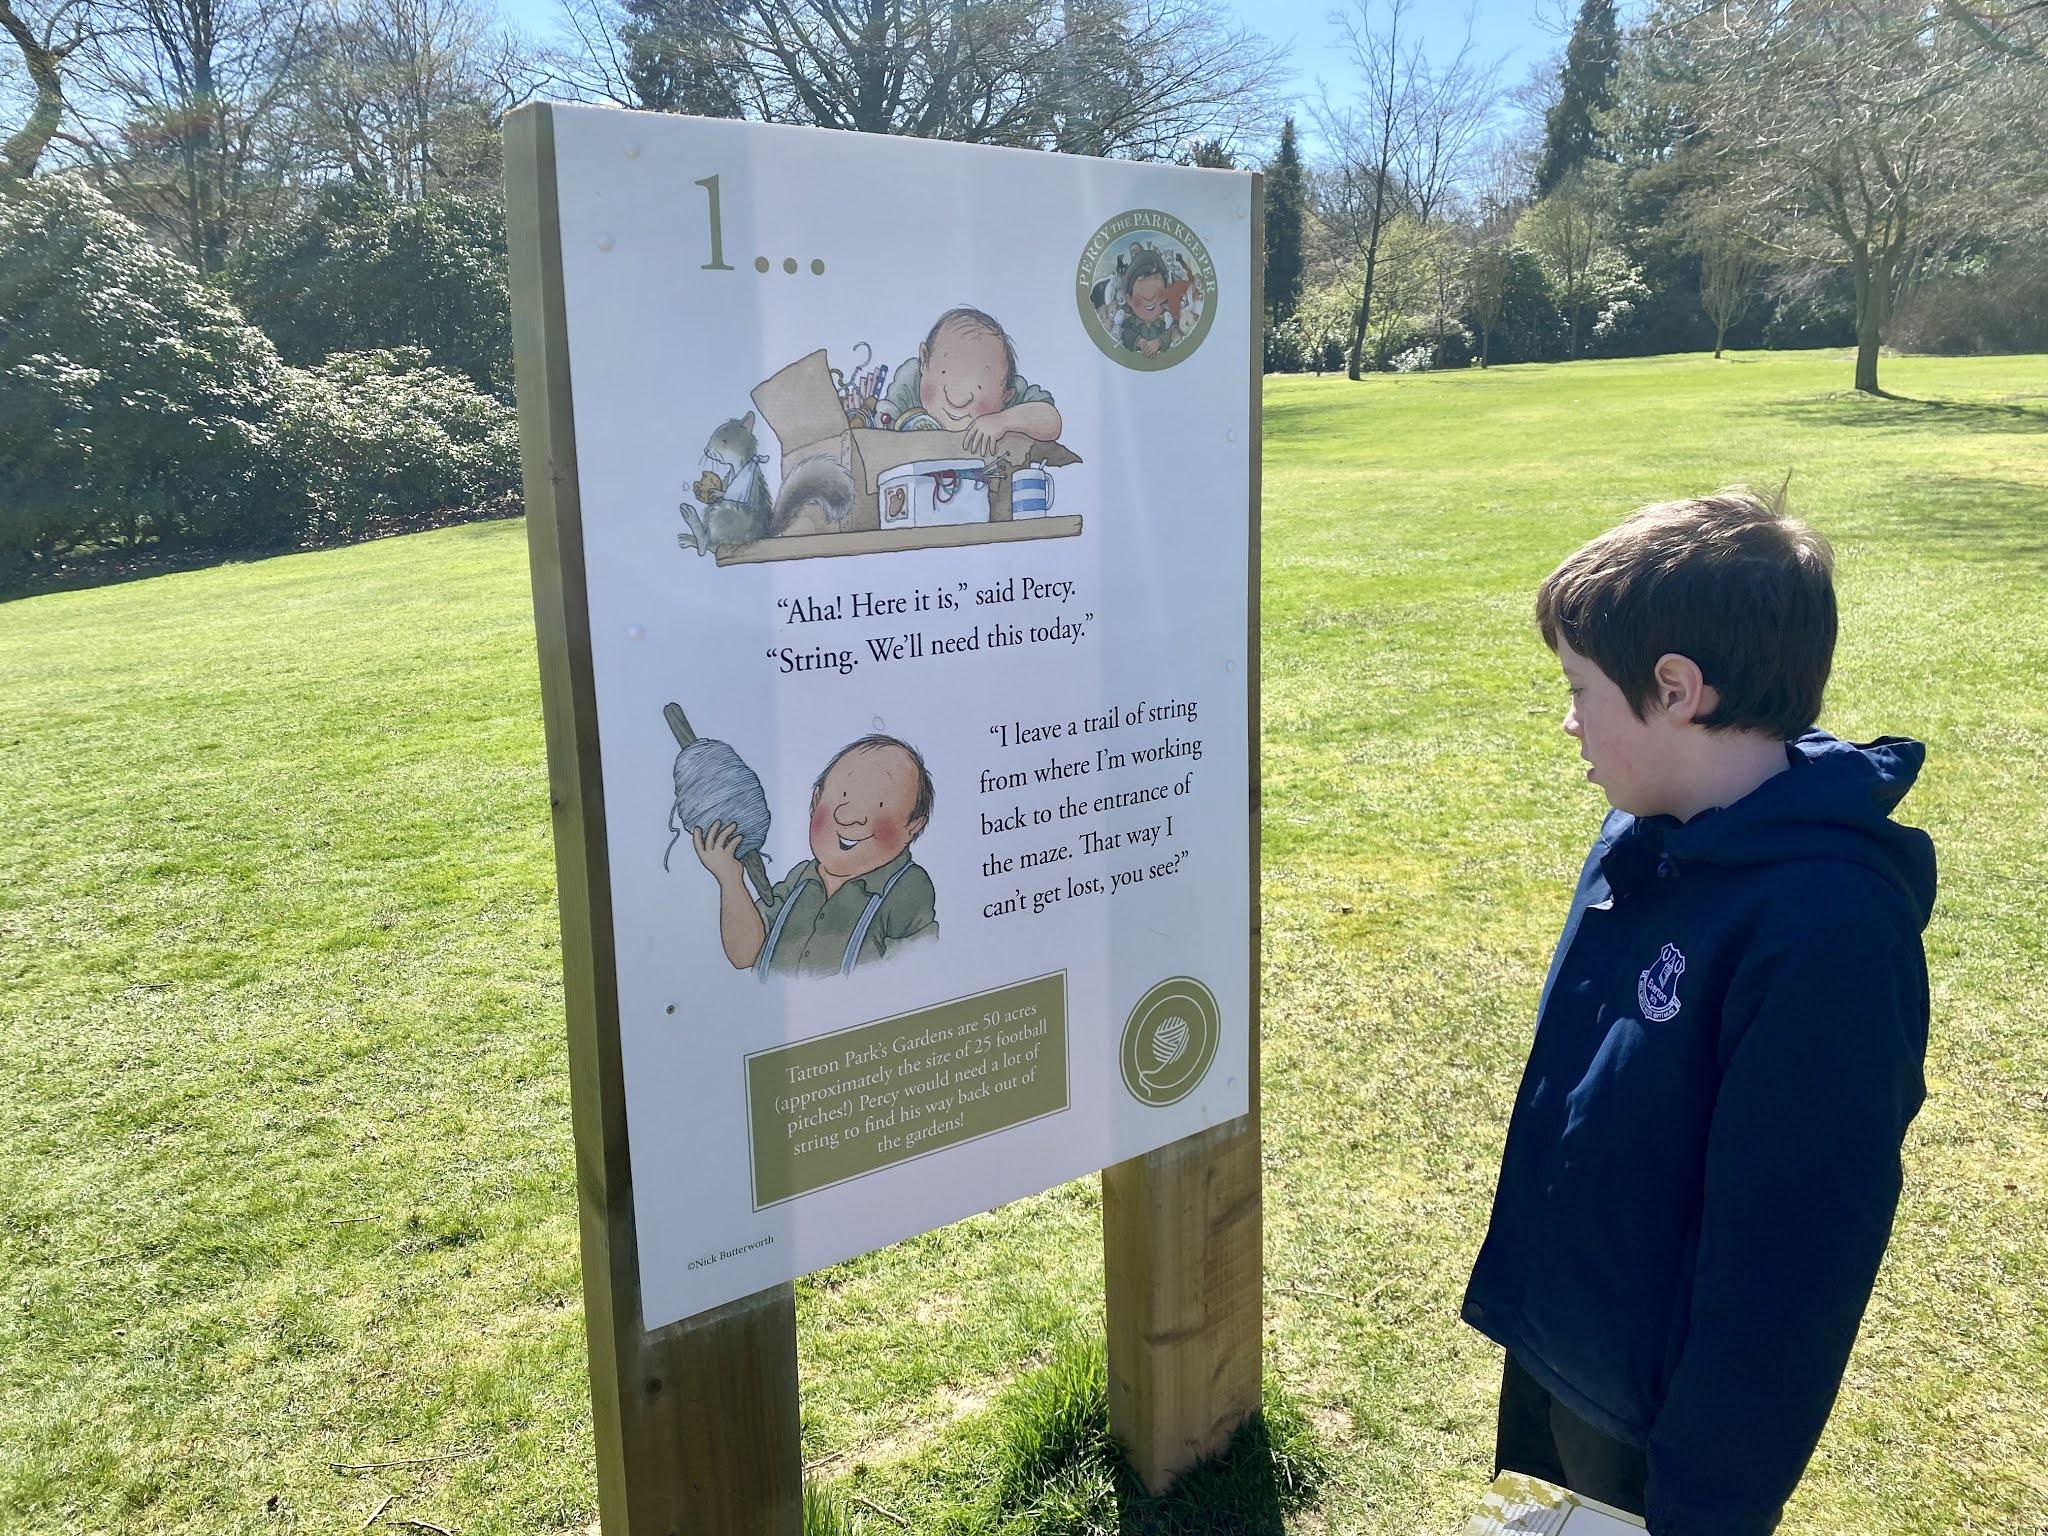 boy looking at a signpost